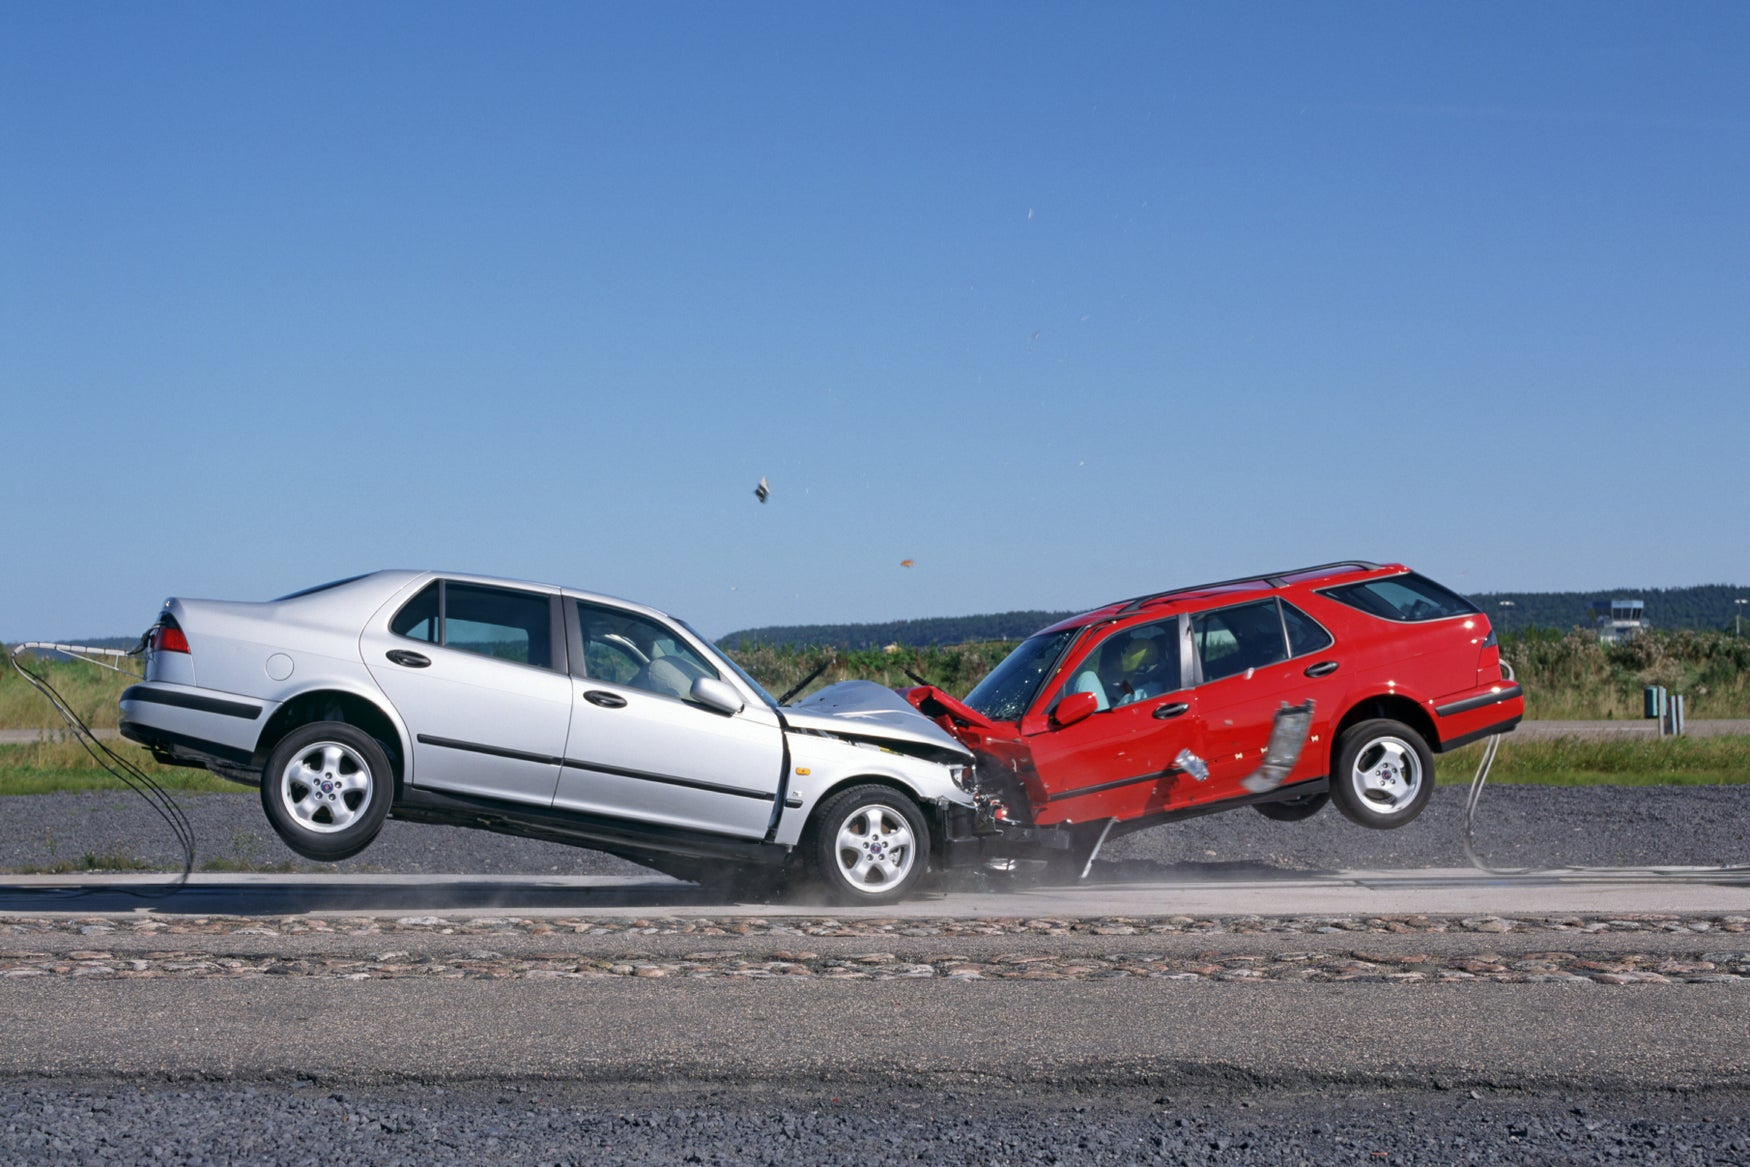 Saab crash test